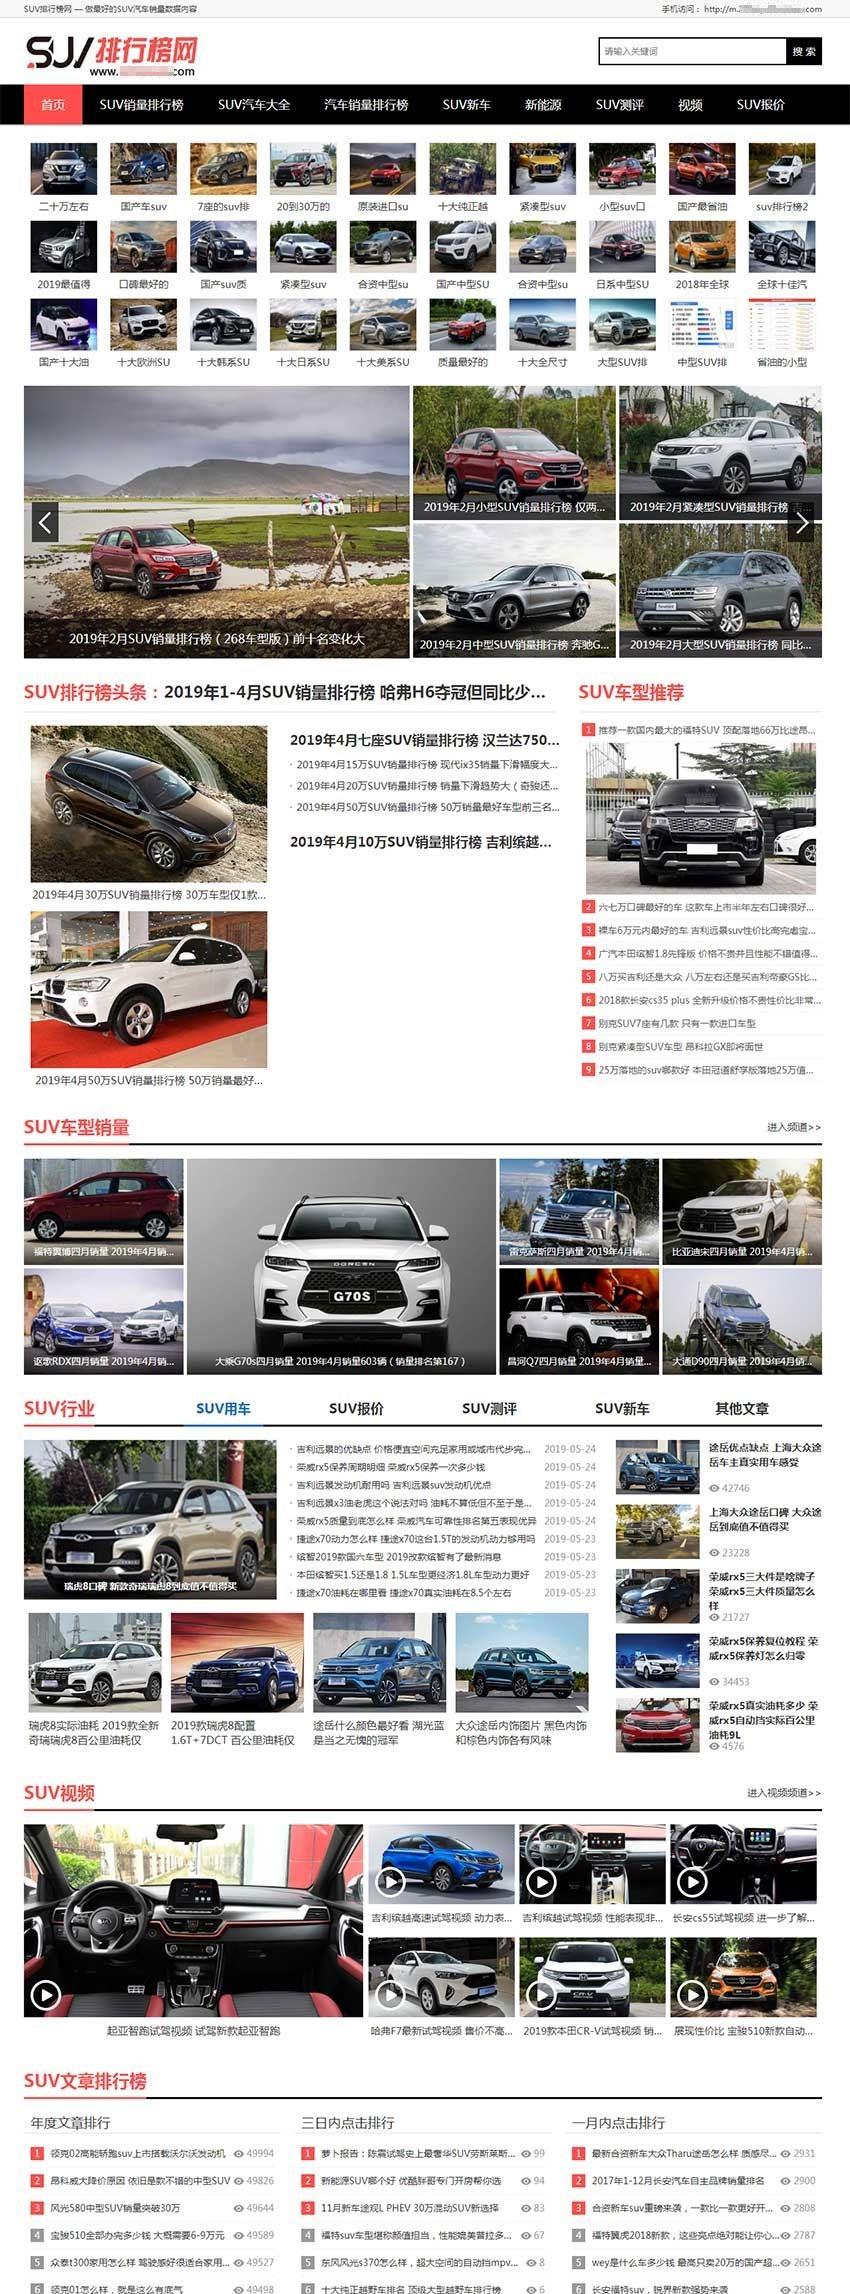 帝国CMS仿《SUV排行榜网》汽车销量排行网汽车销量资讯网站模板整站源码